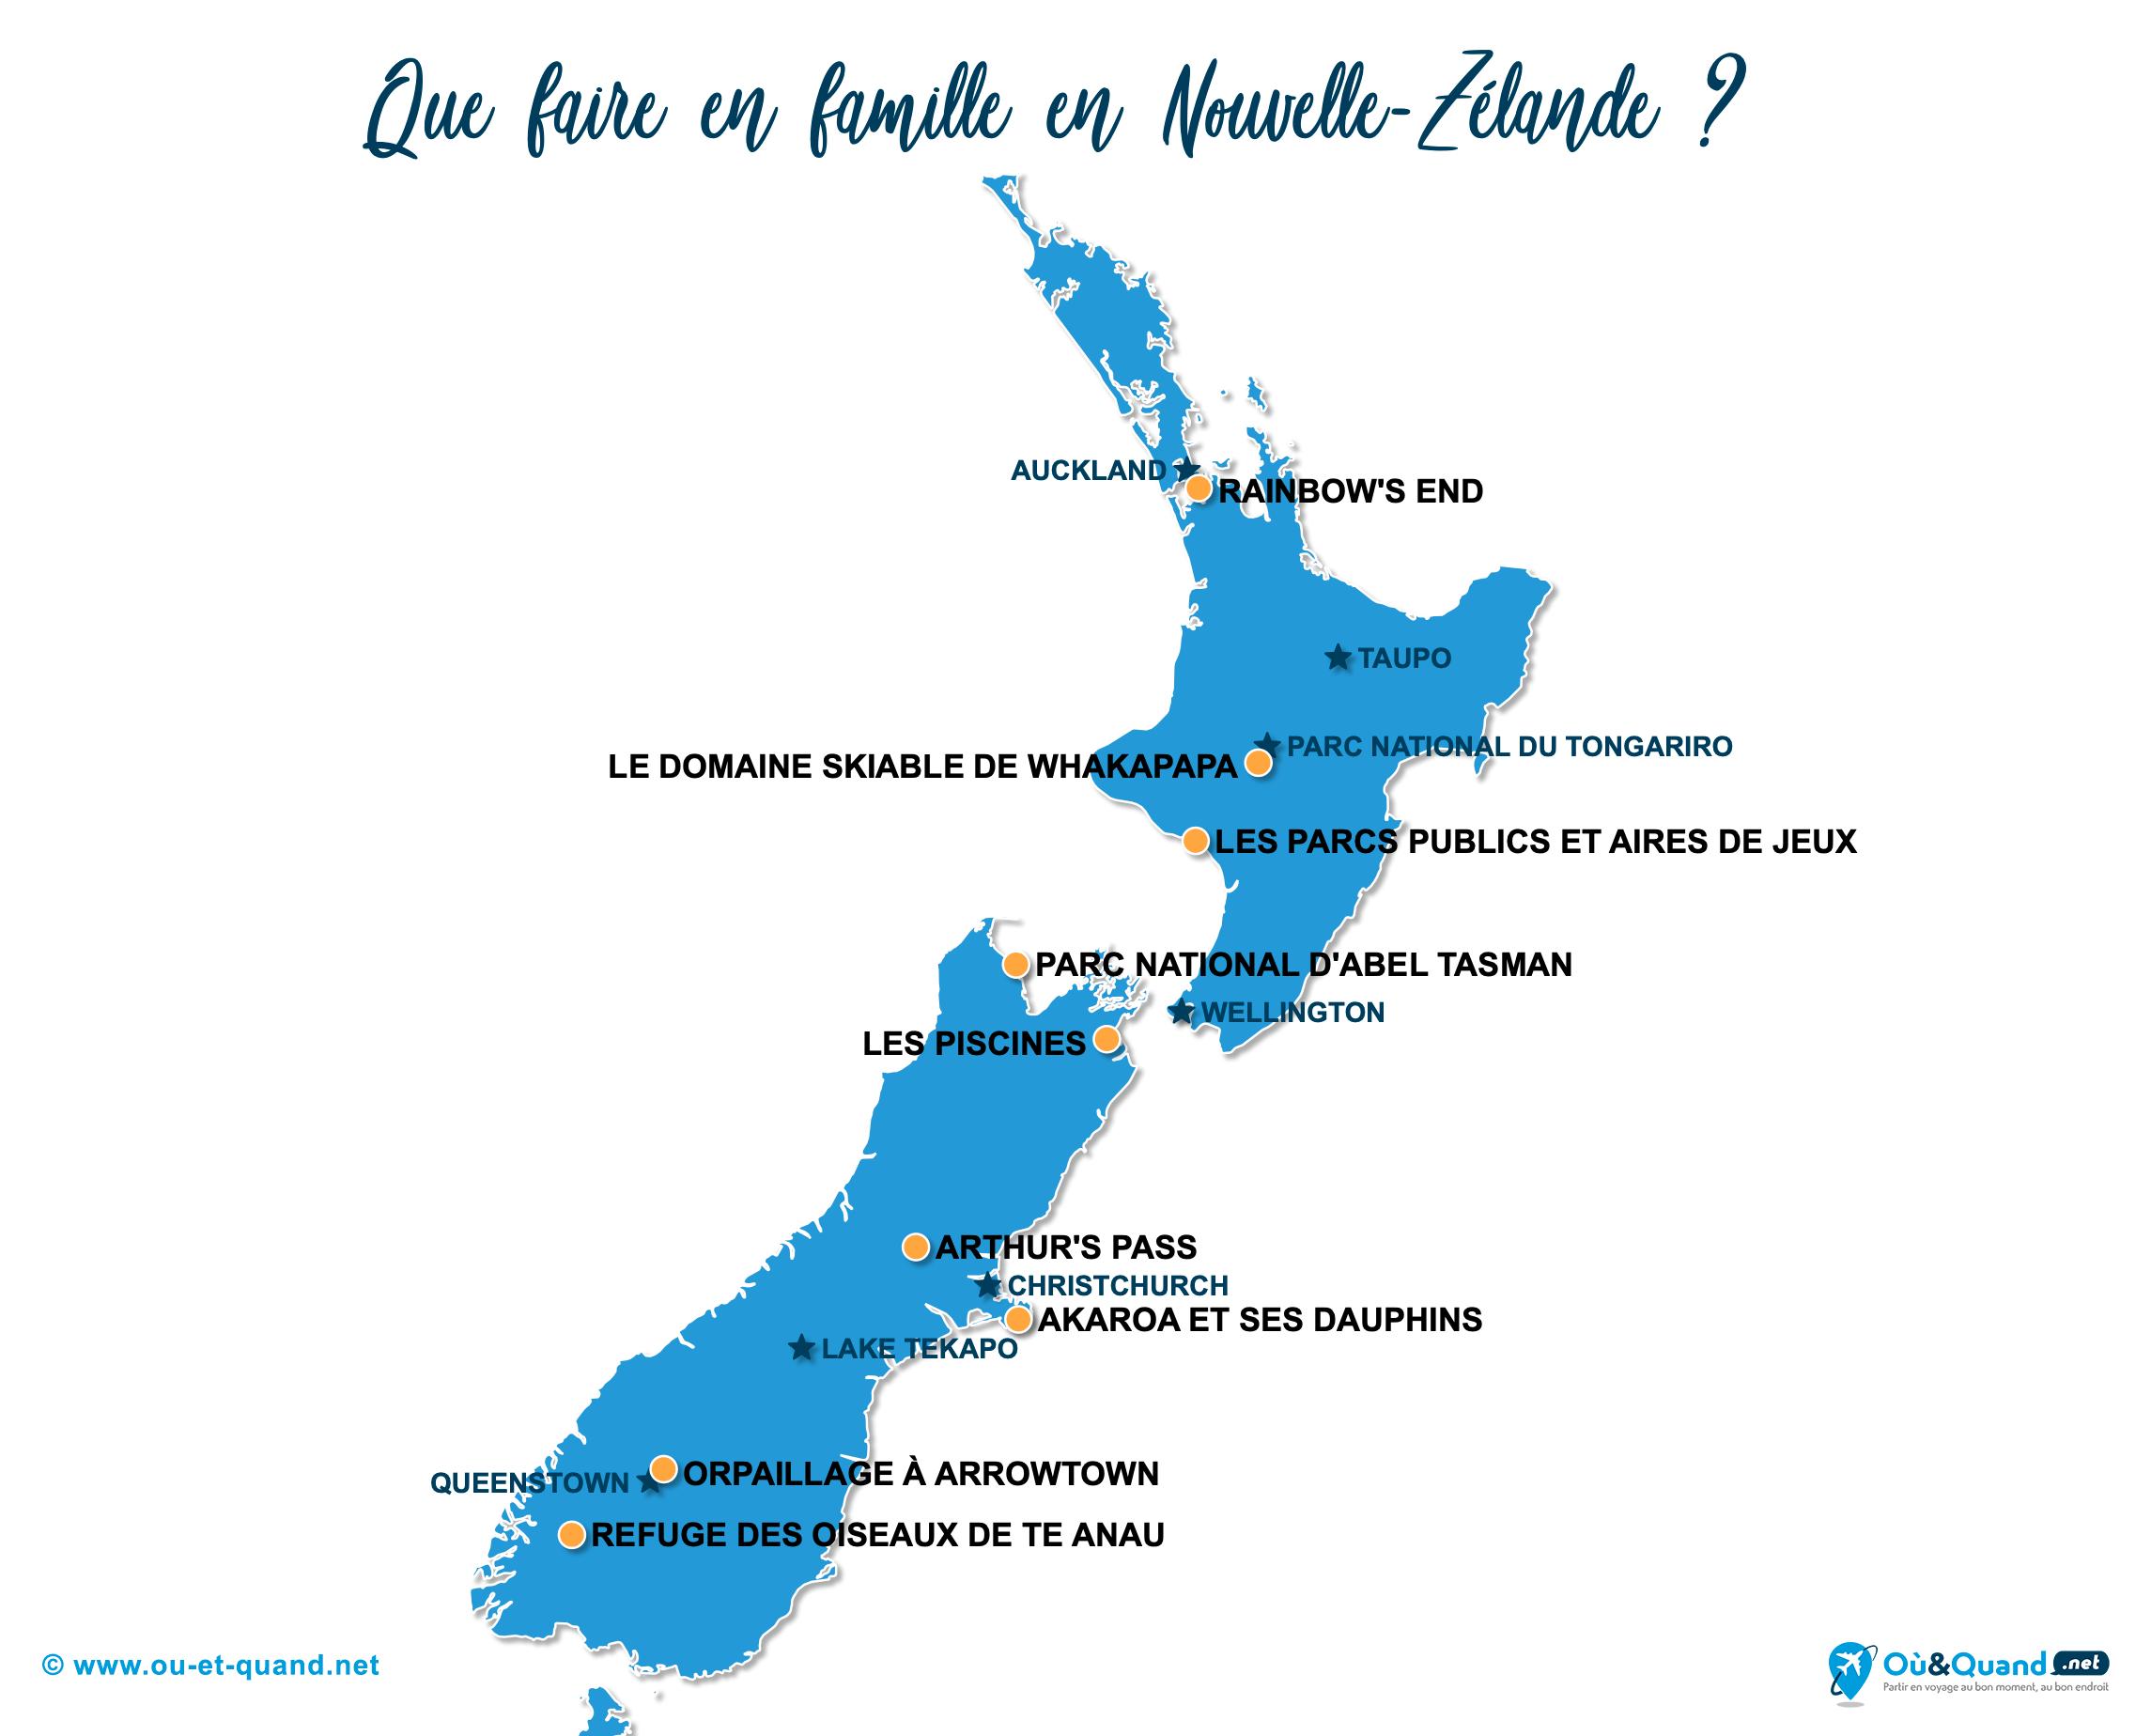 Carte Nouvelle-Zélande : La Nouvelle-Zélande en famille